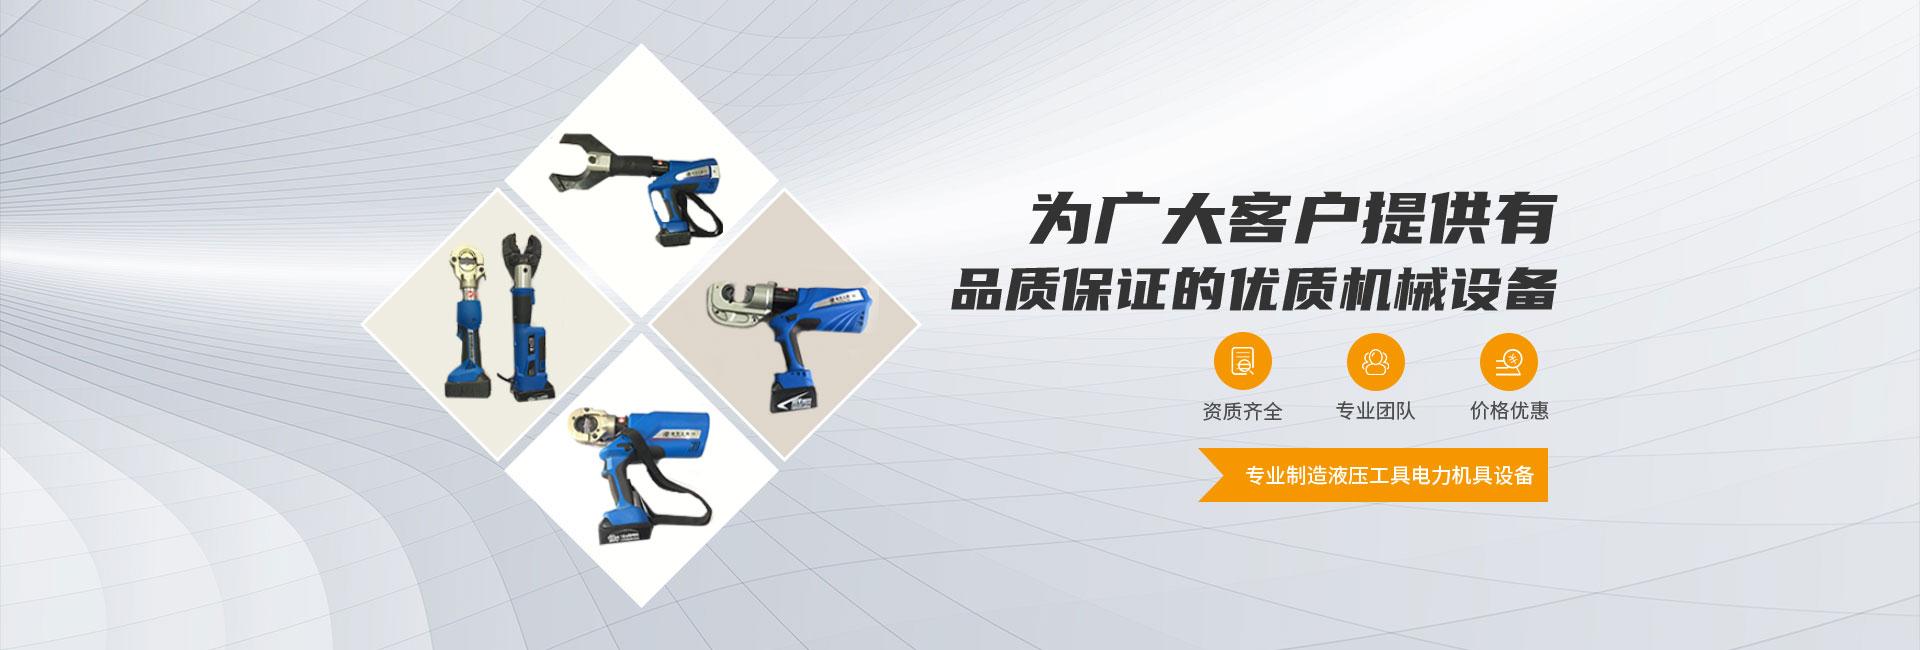 新疆五金工具